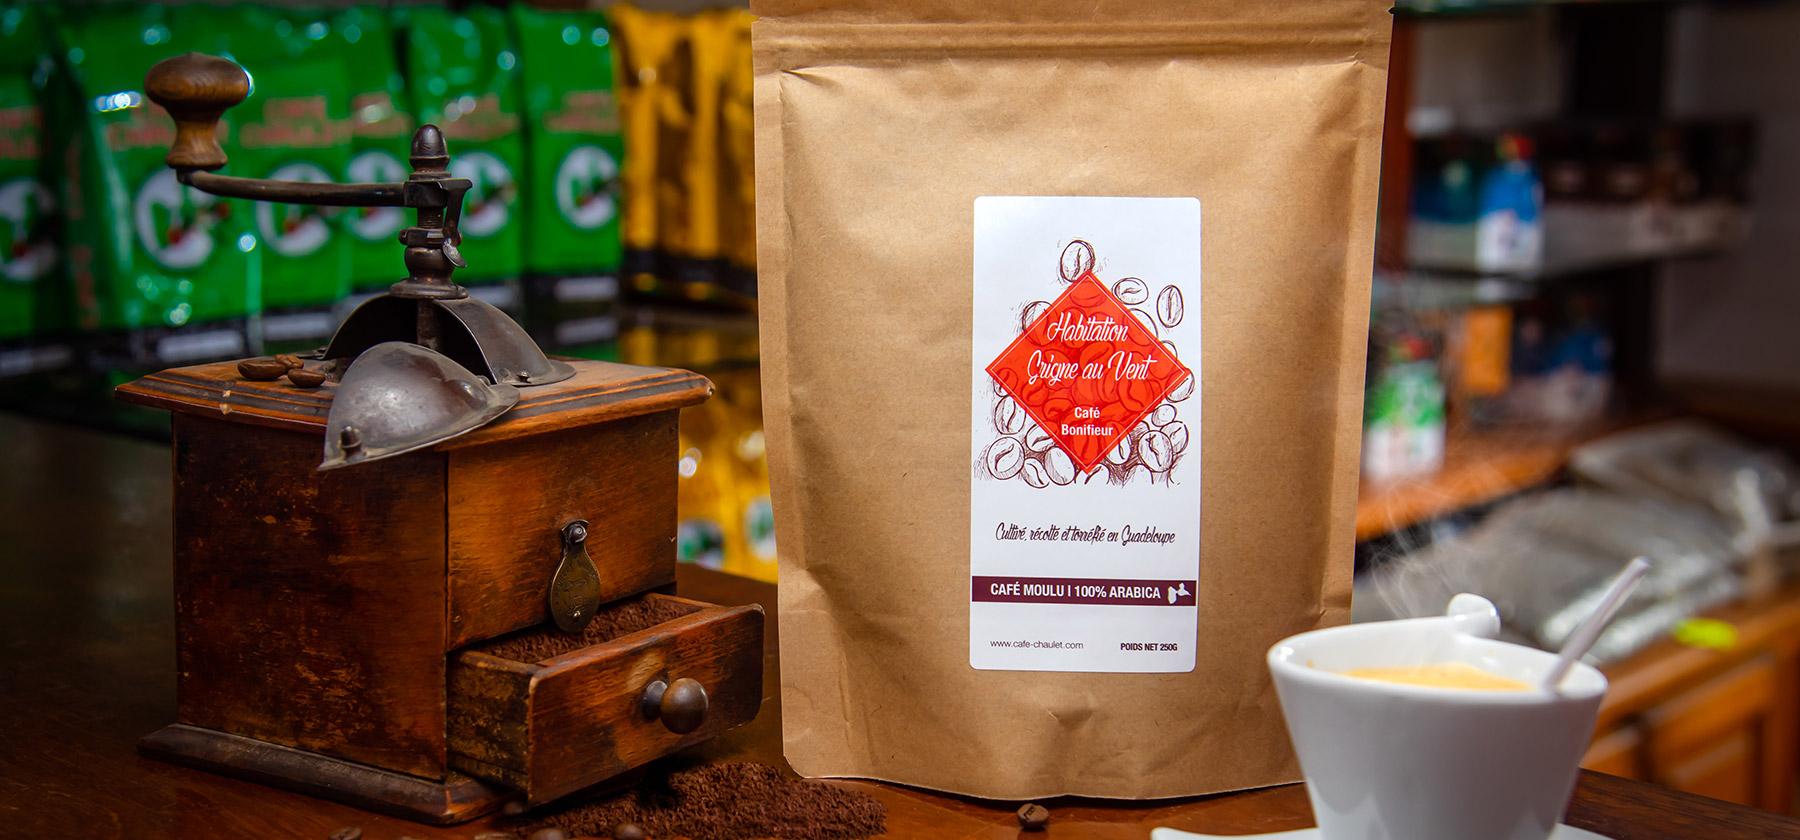 Café chaulet guadeloupe la boutique